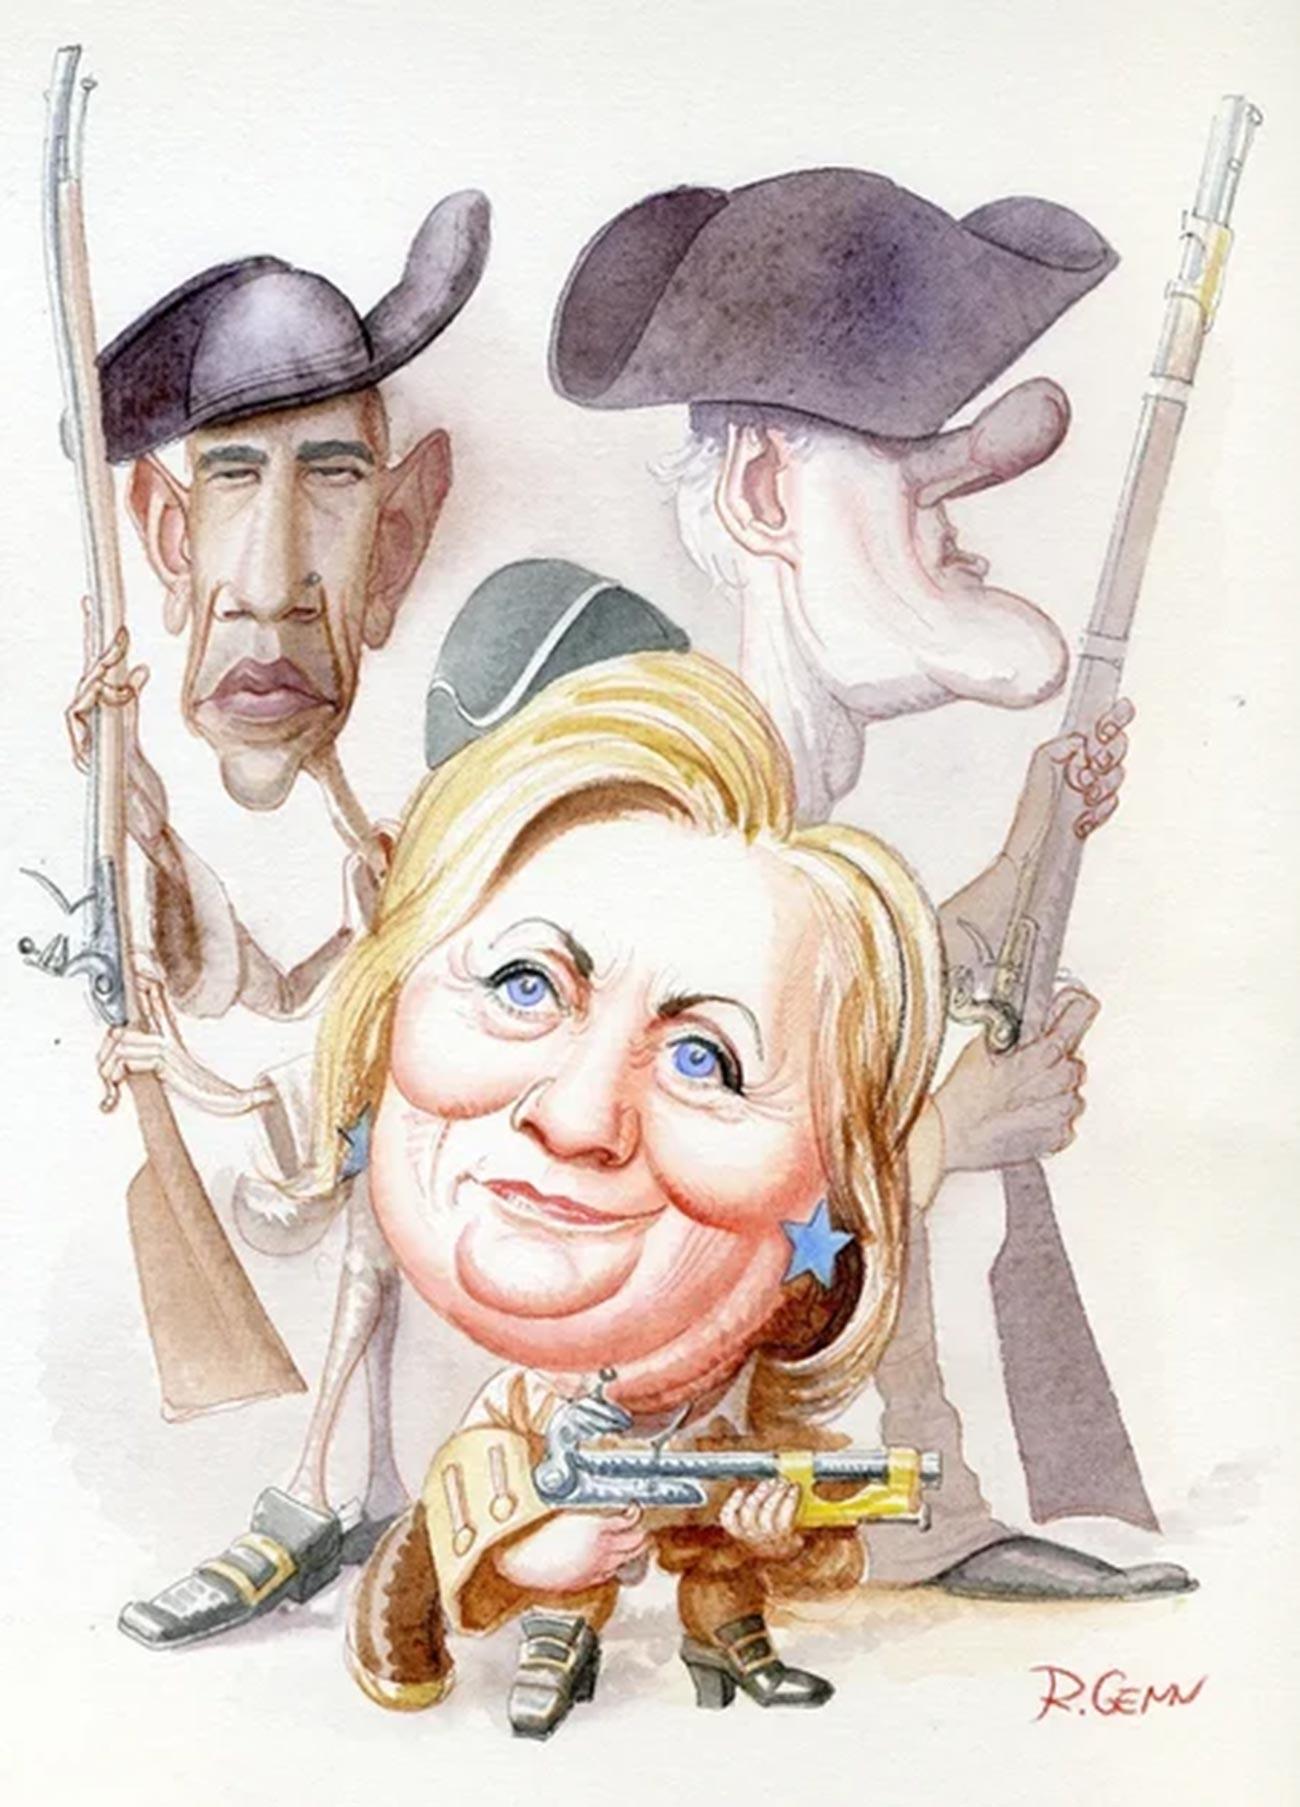 ヒラリー・クリントン(後ろはバラク・オバマとビル・クリントン)